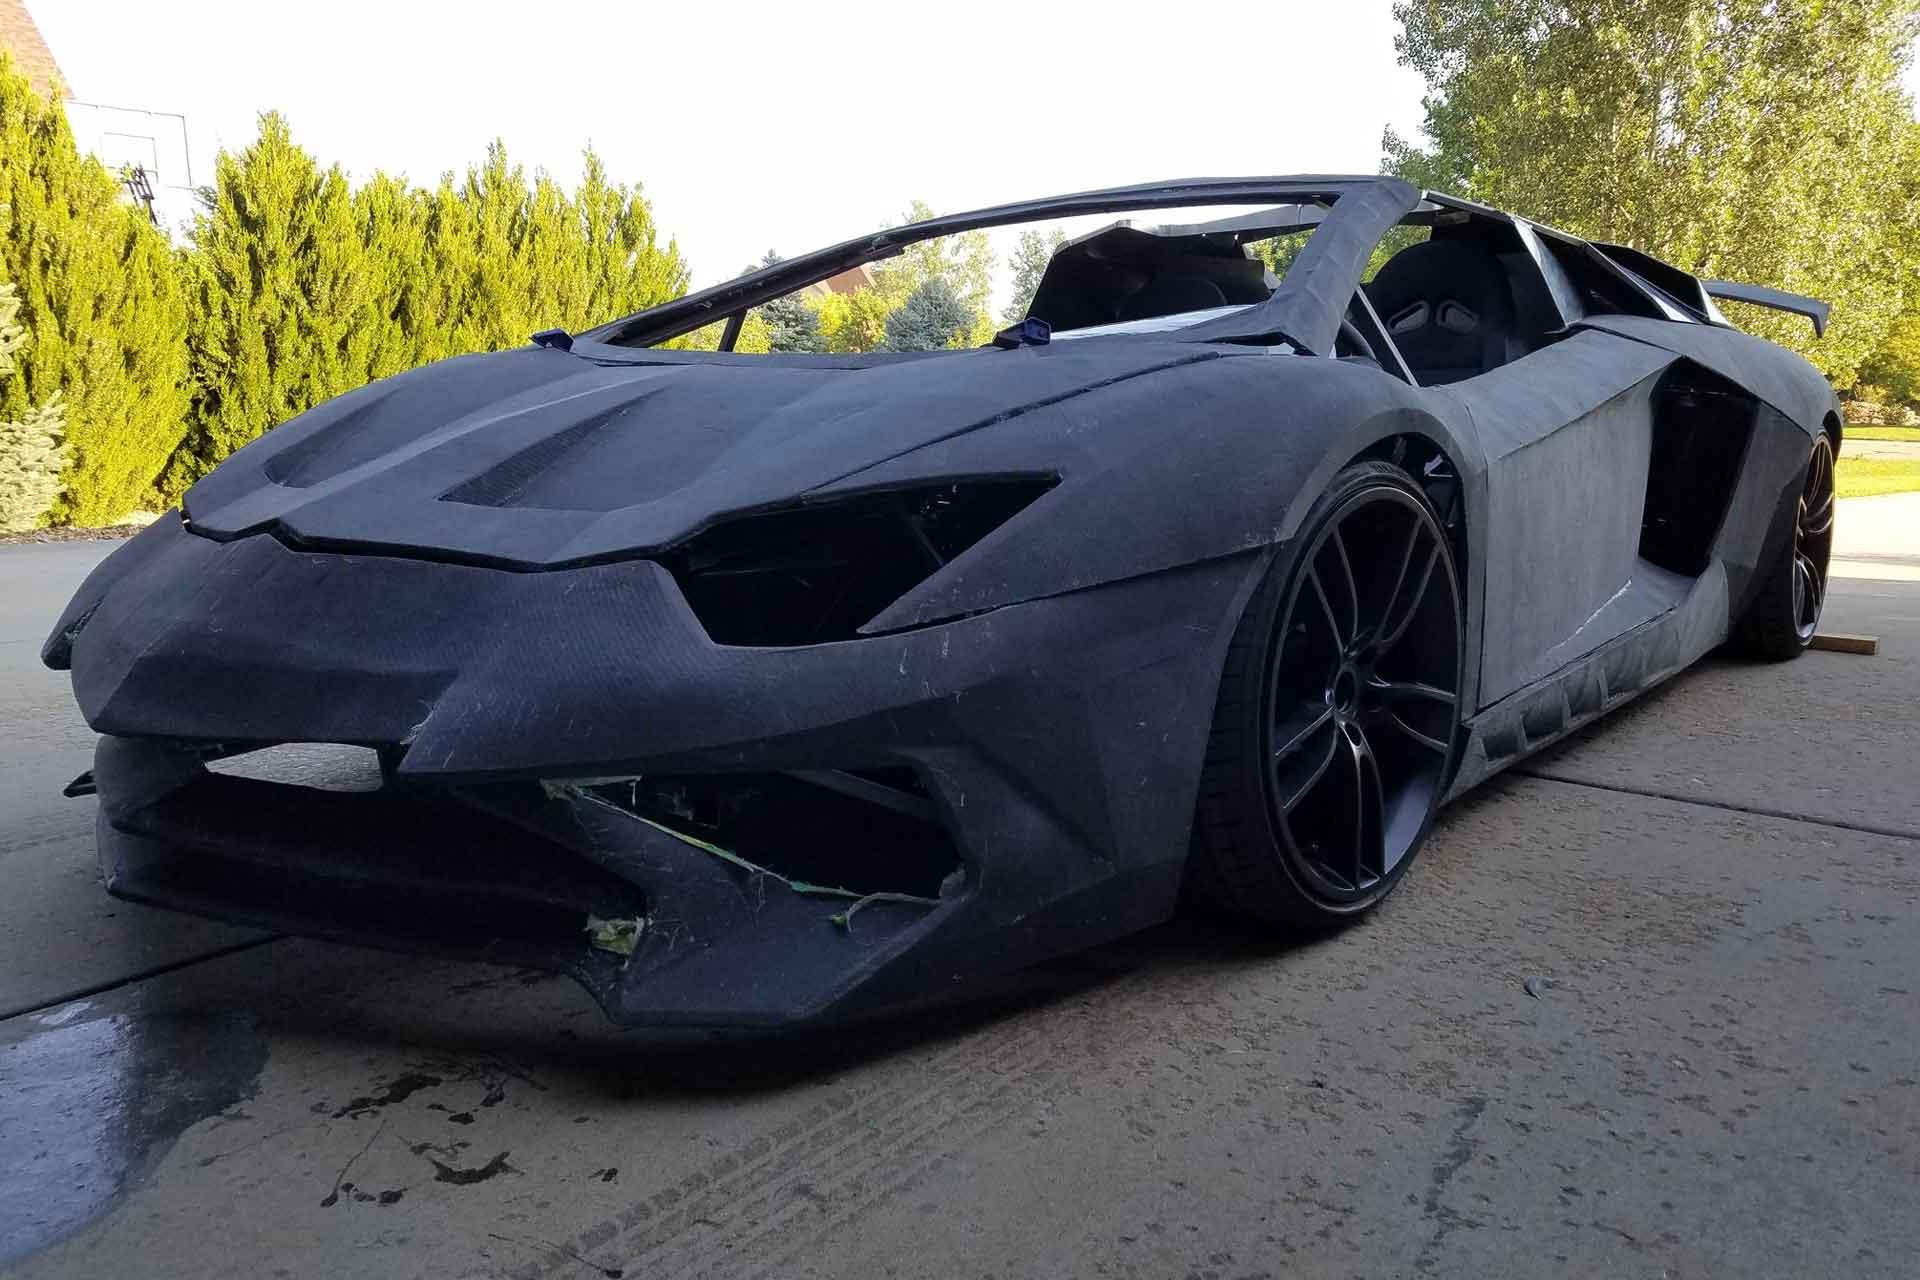 3-D-Printed Lamborghini Aventador Spider